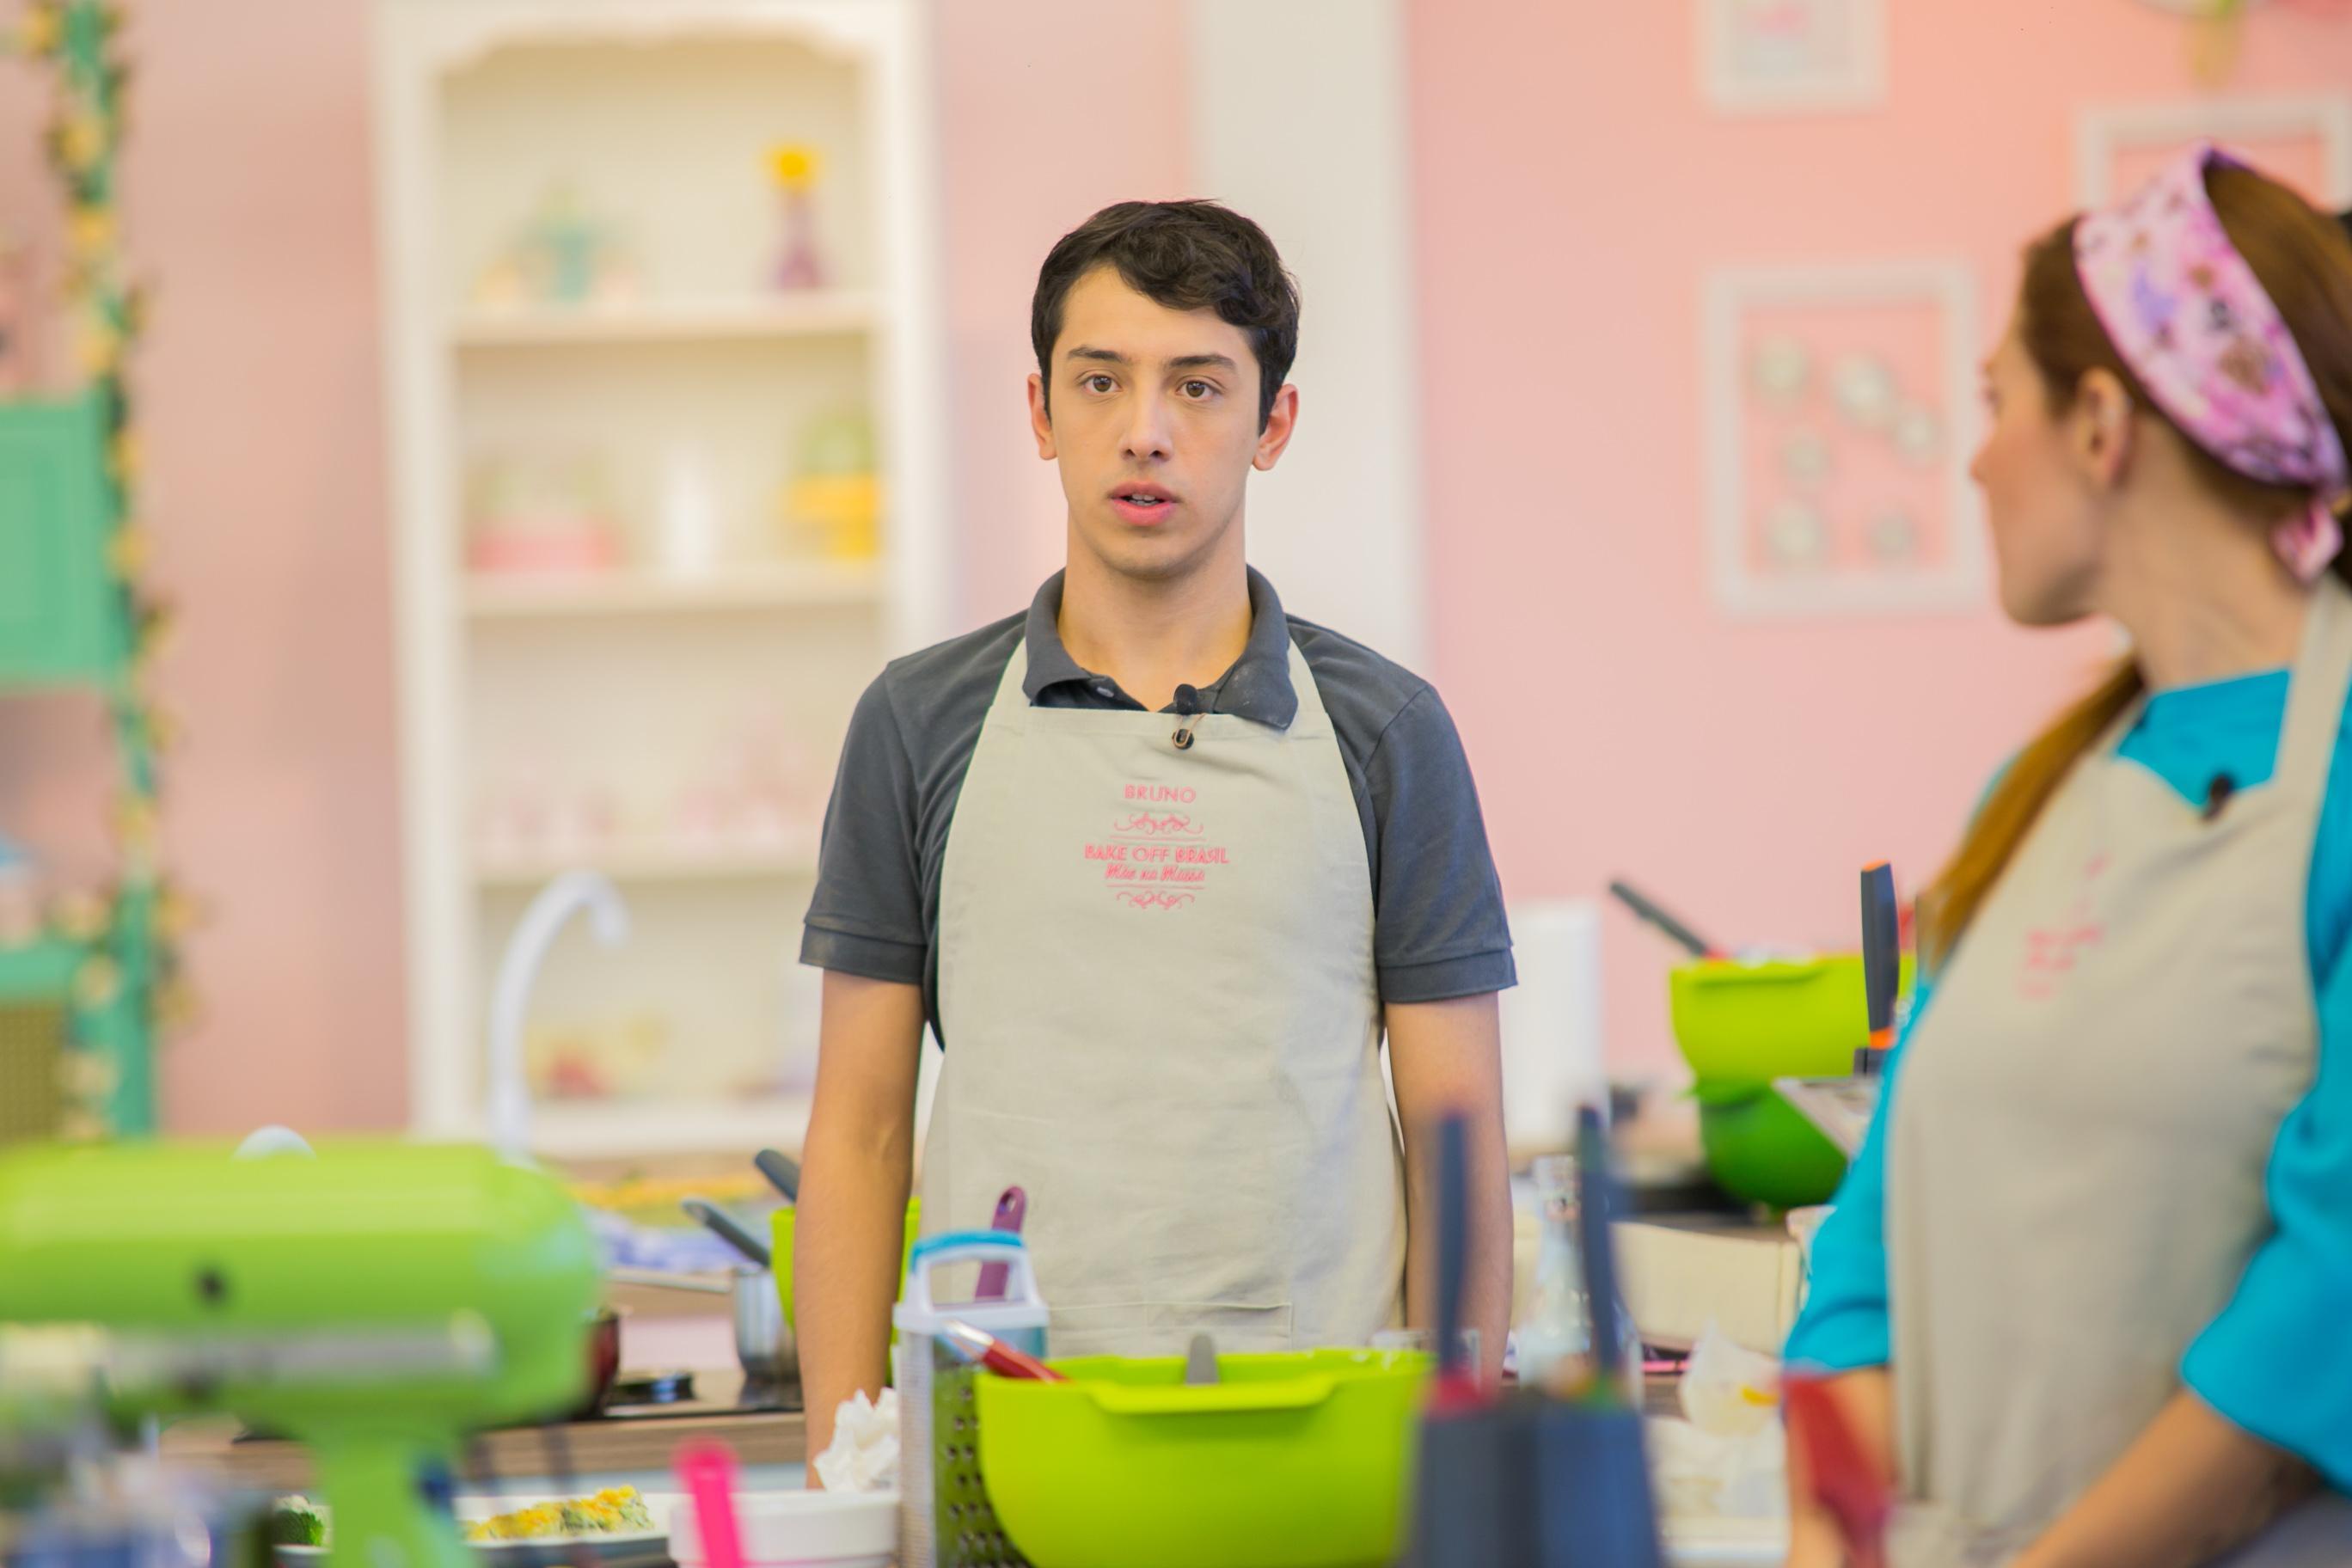 Participante Bruno congela ao notar que sua torta cai da bancada. Crédito: Artur Igrecias/SBT